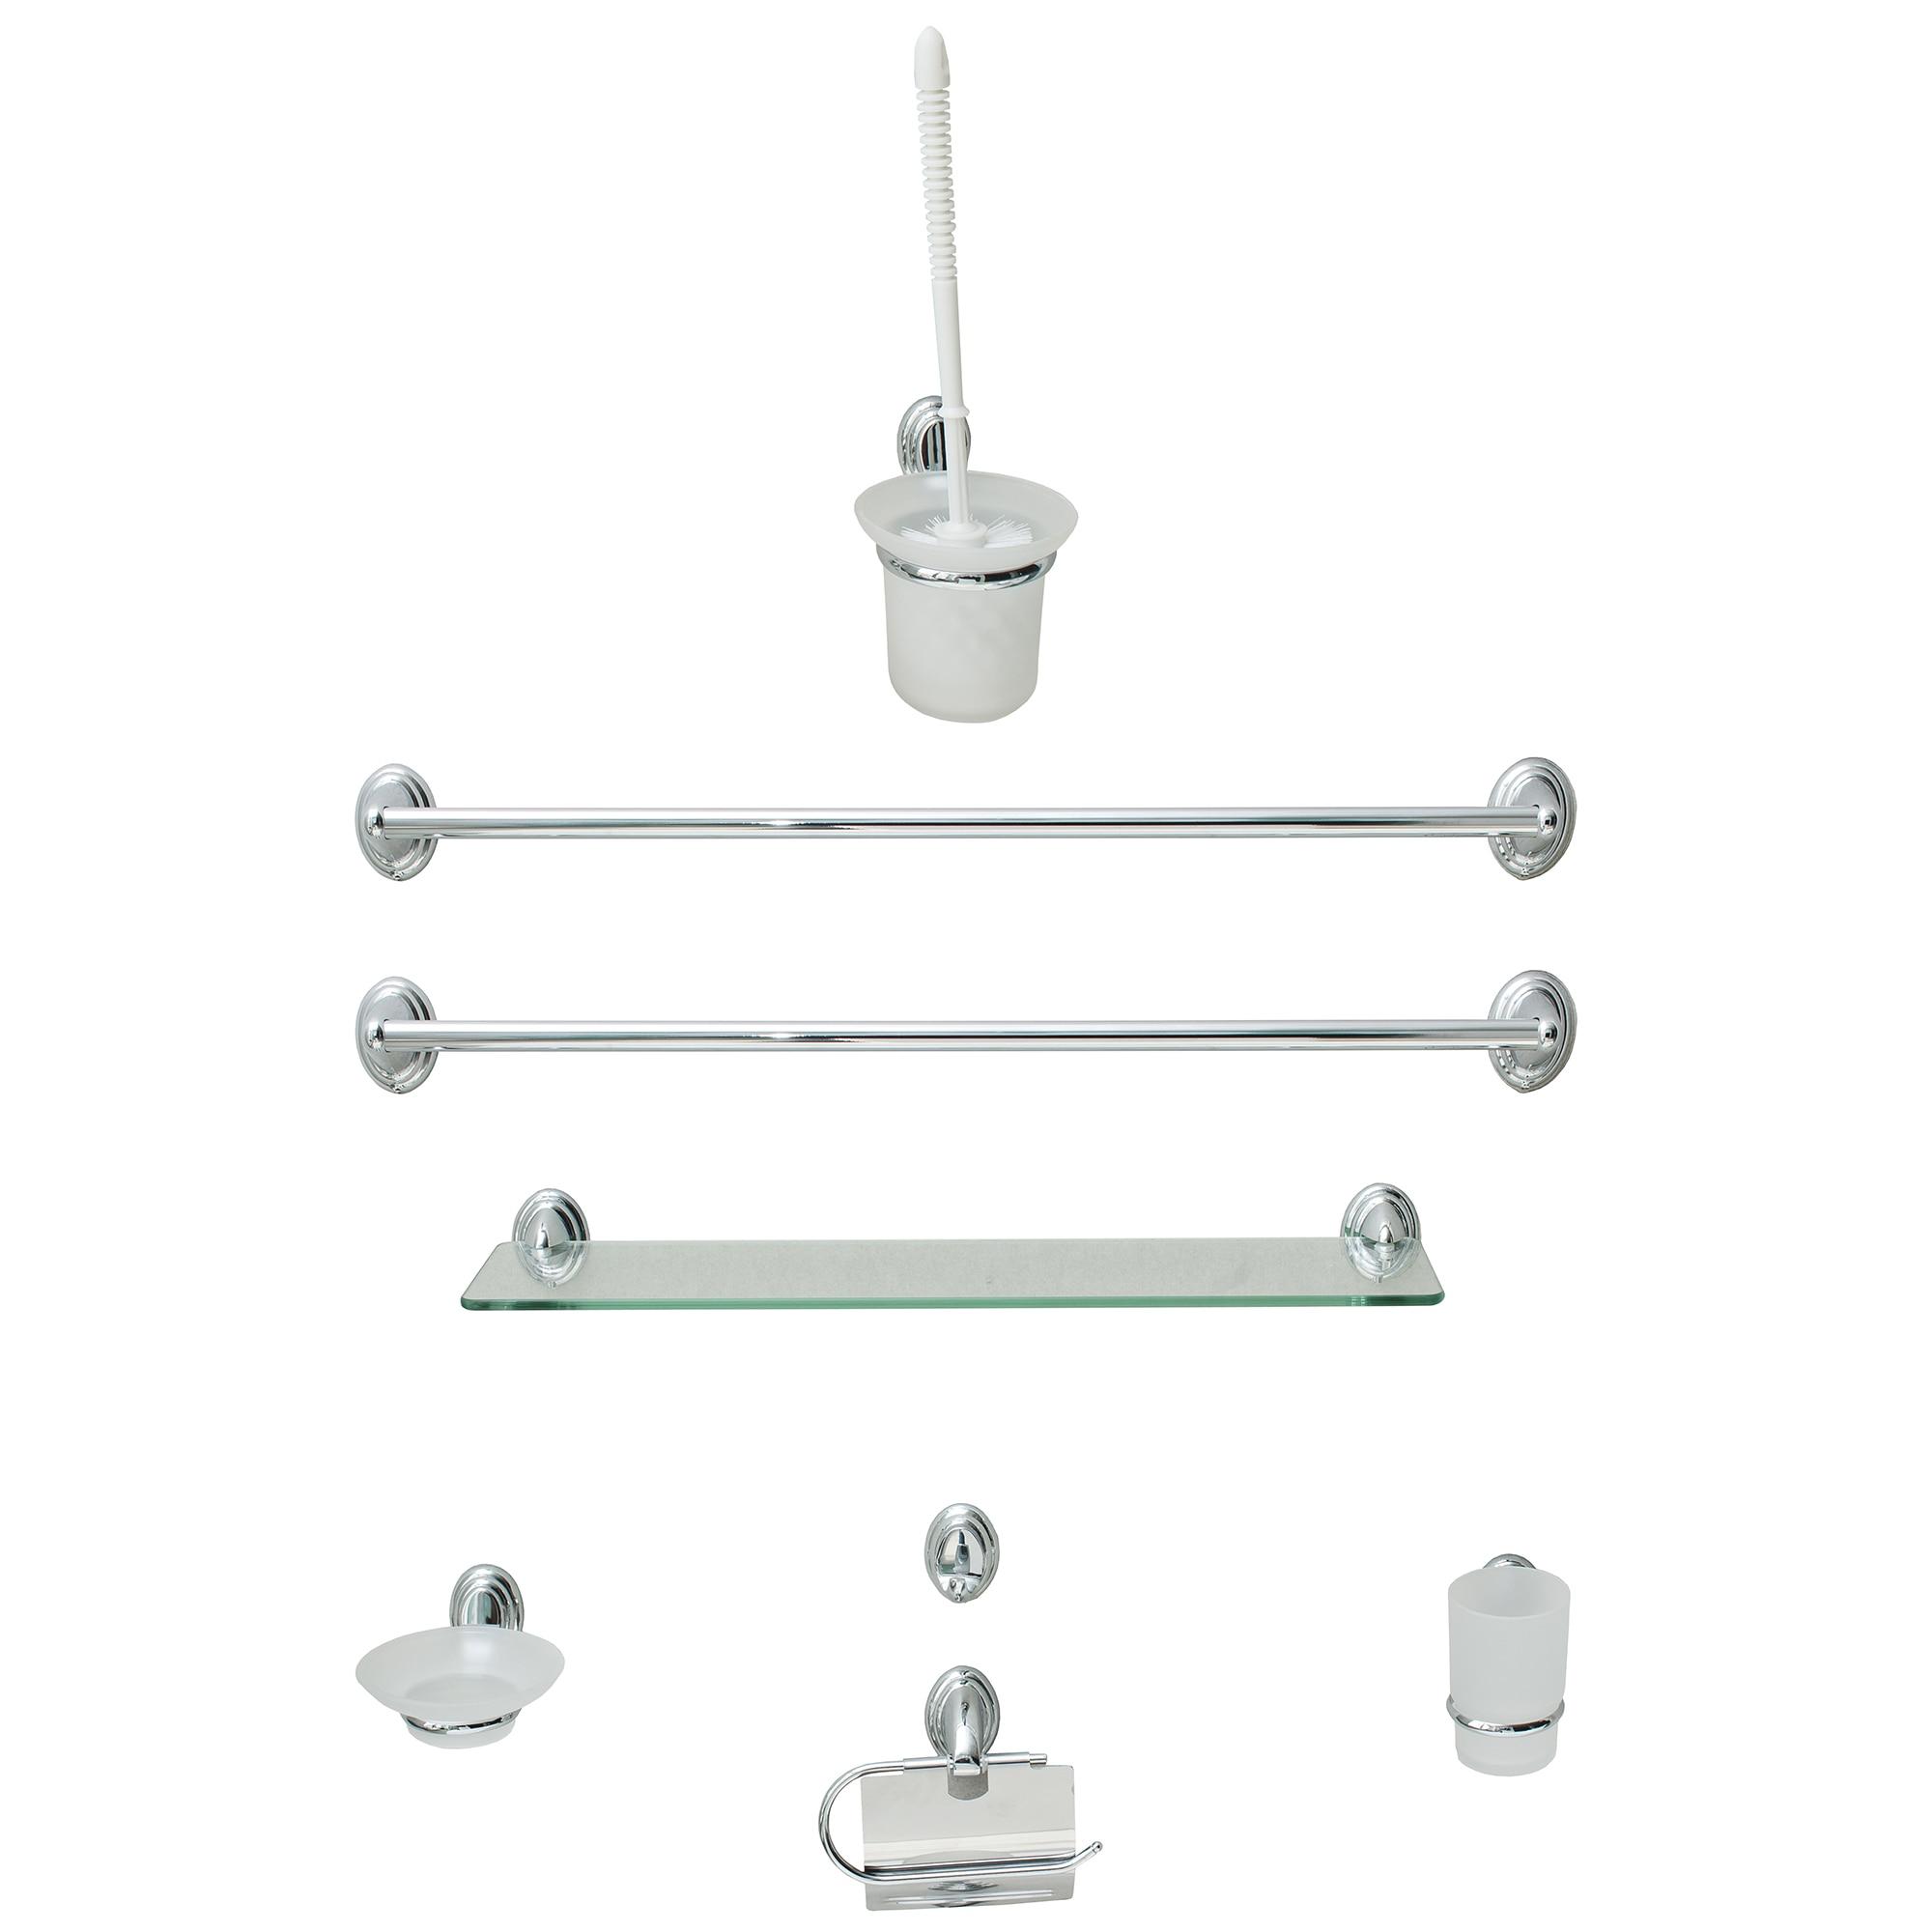 Fotografie Set accesorii pentru baie Bathroom FIBSE8, 8 piese